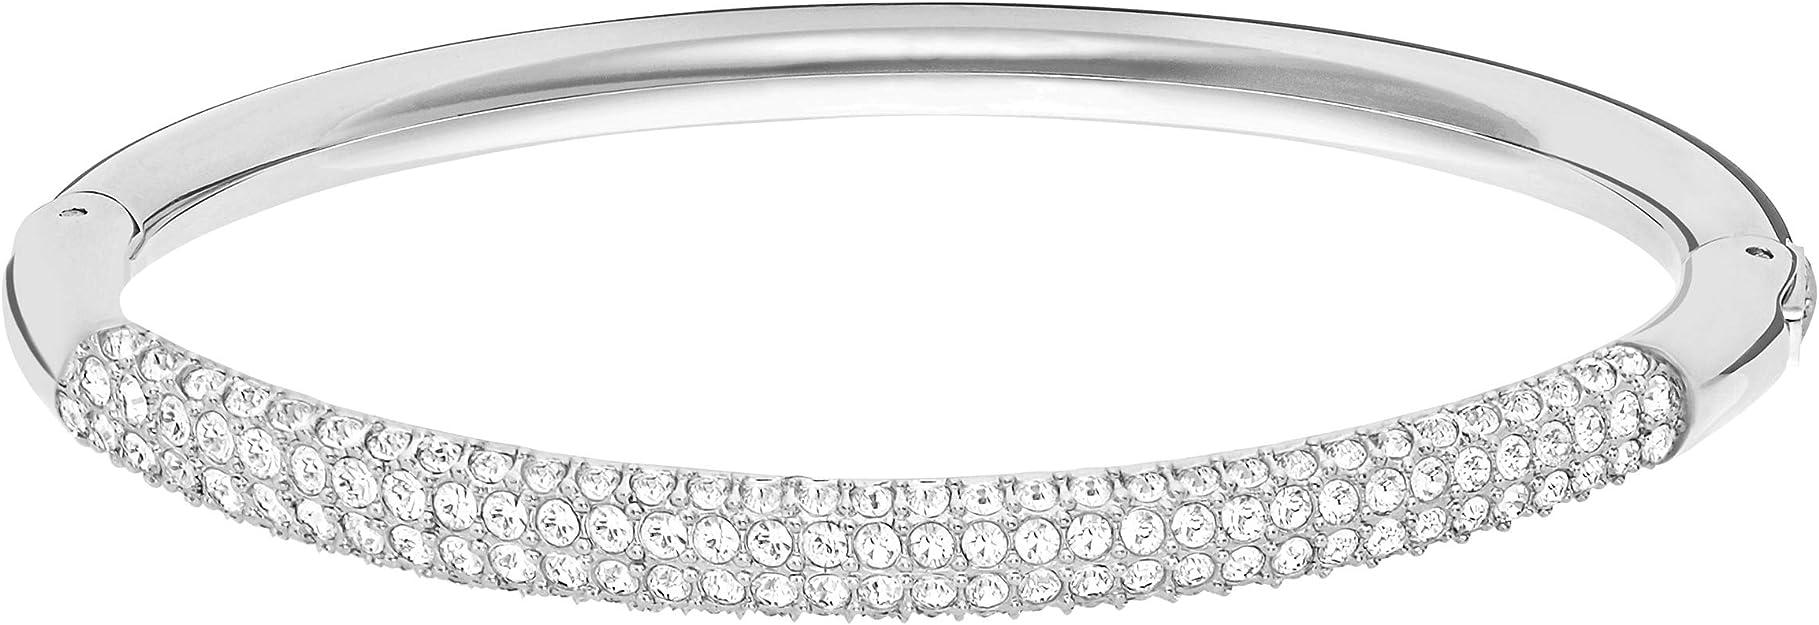 Women Bangle Cuff Bangle,Statement Bangle,Boho Bangle,925 Silver Bangle Arm Bracelet Handicraft Black Onyx Gemstone Bangle Stone Bangle